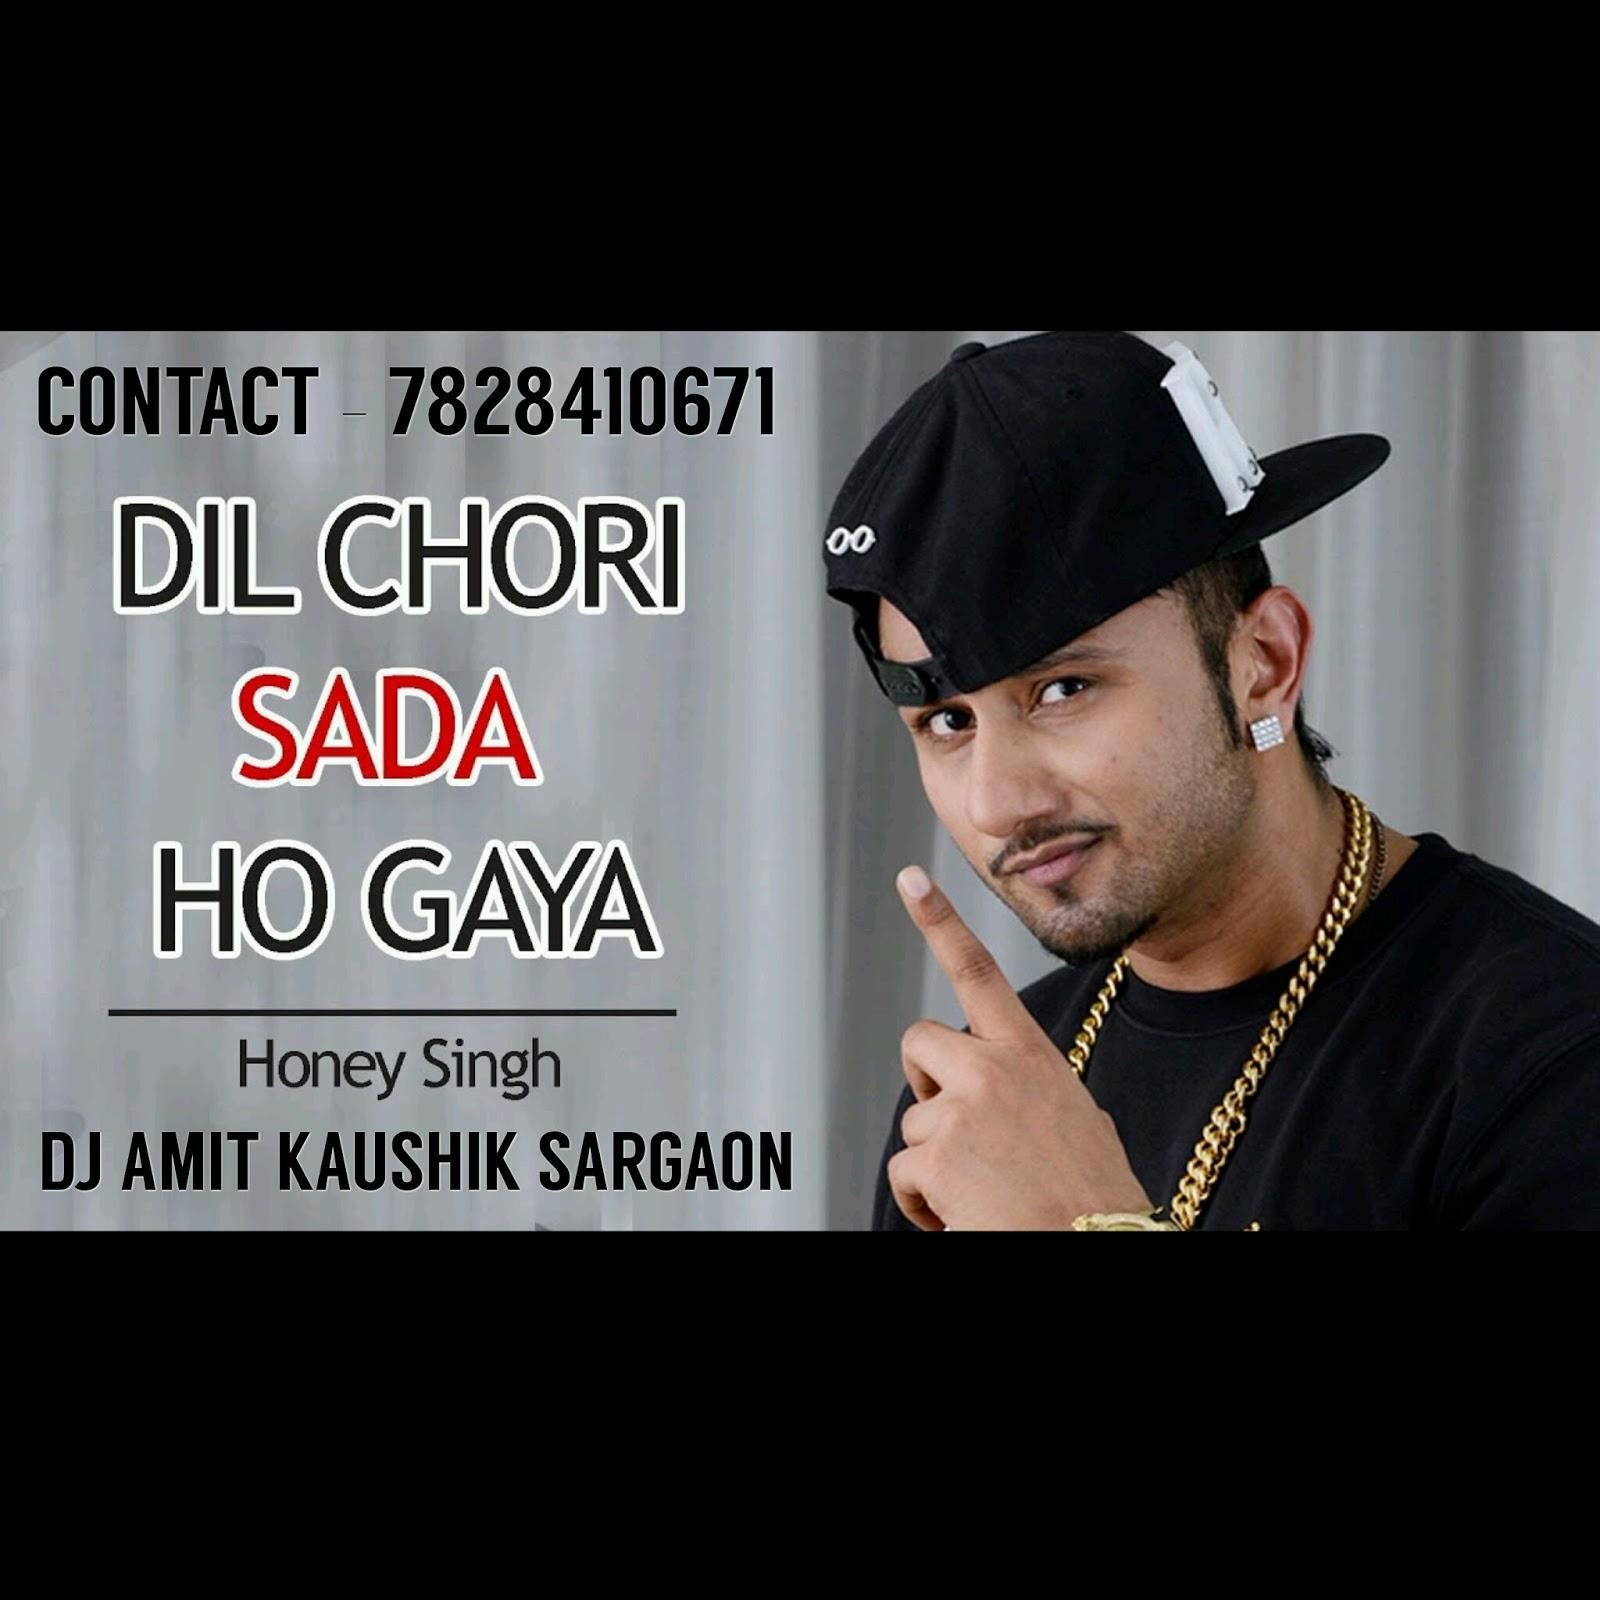 Presentations by Dil chori sada ho gaya audio song download